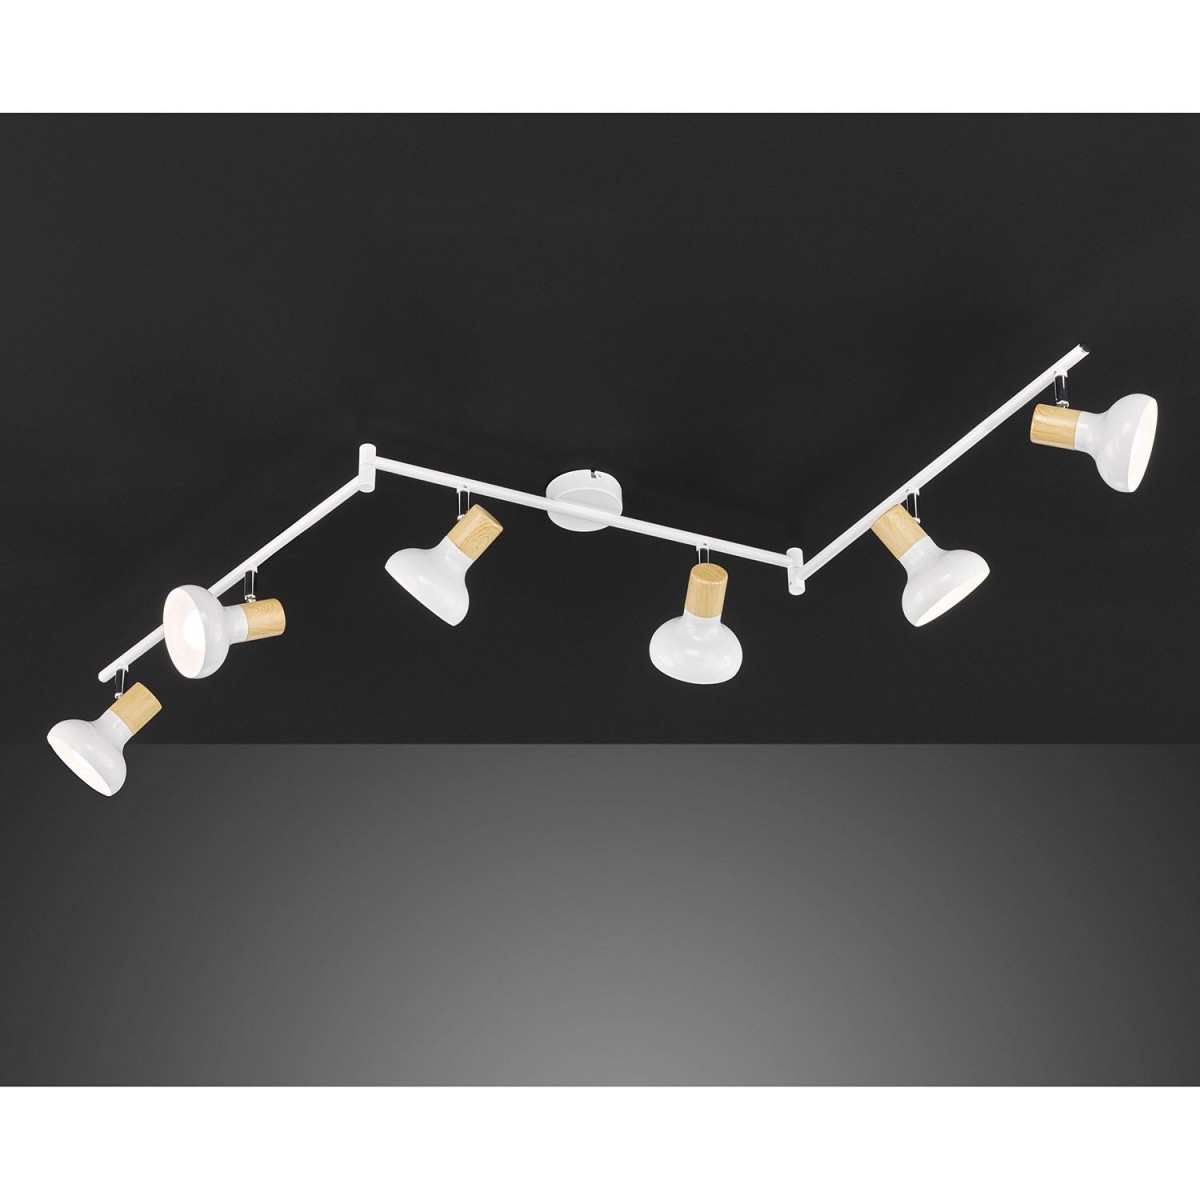 Deckenlampe Wohnzimmer  Moderne Deckenleuchten Led von Deckenlampe Wohnzimmer Groß Bild